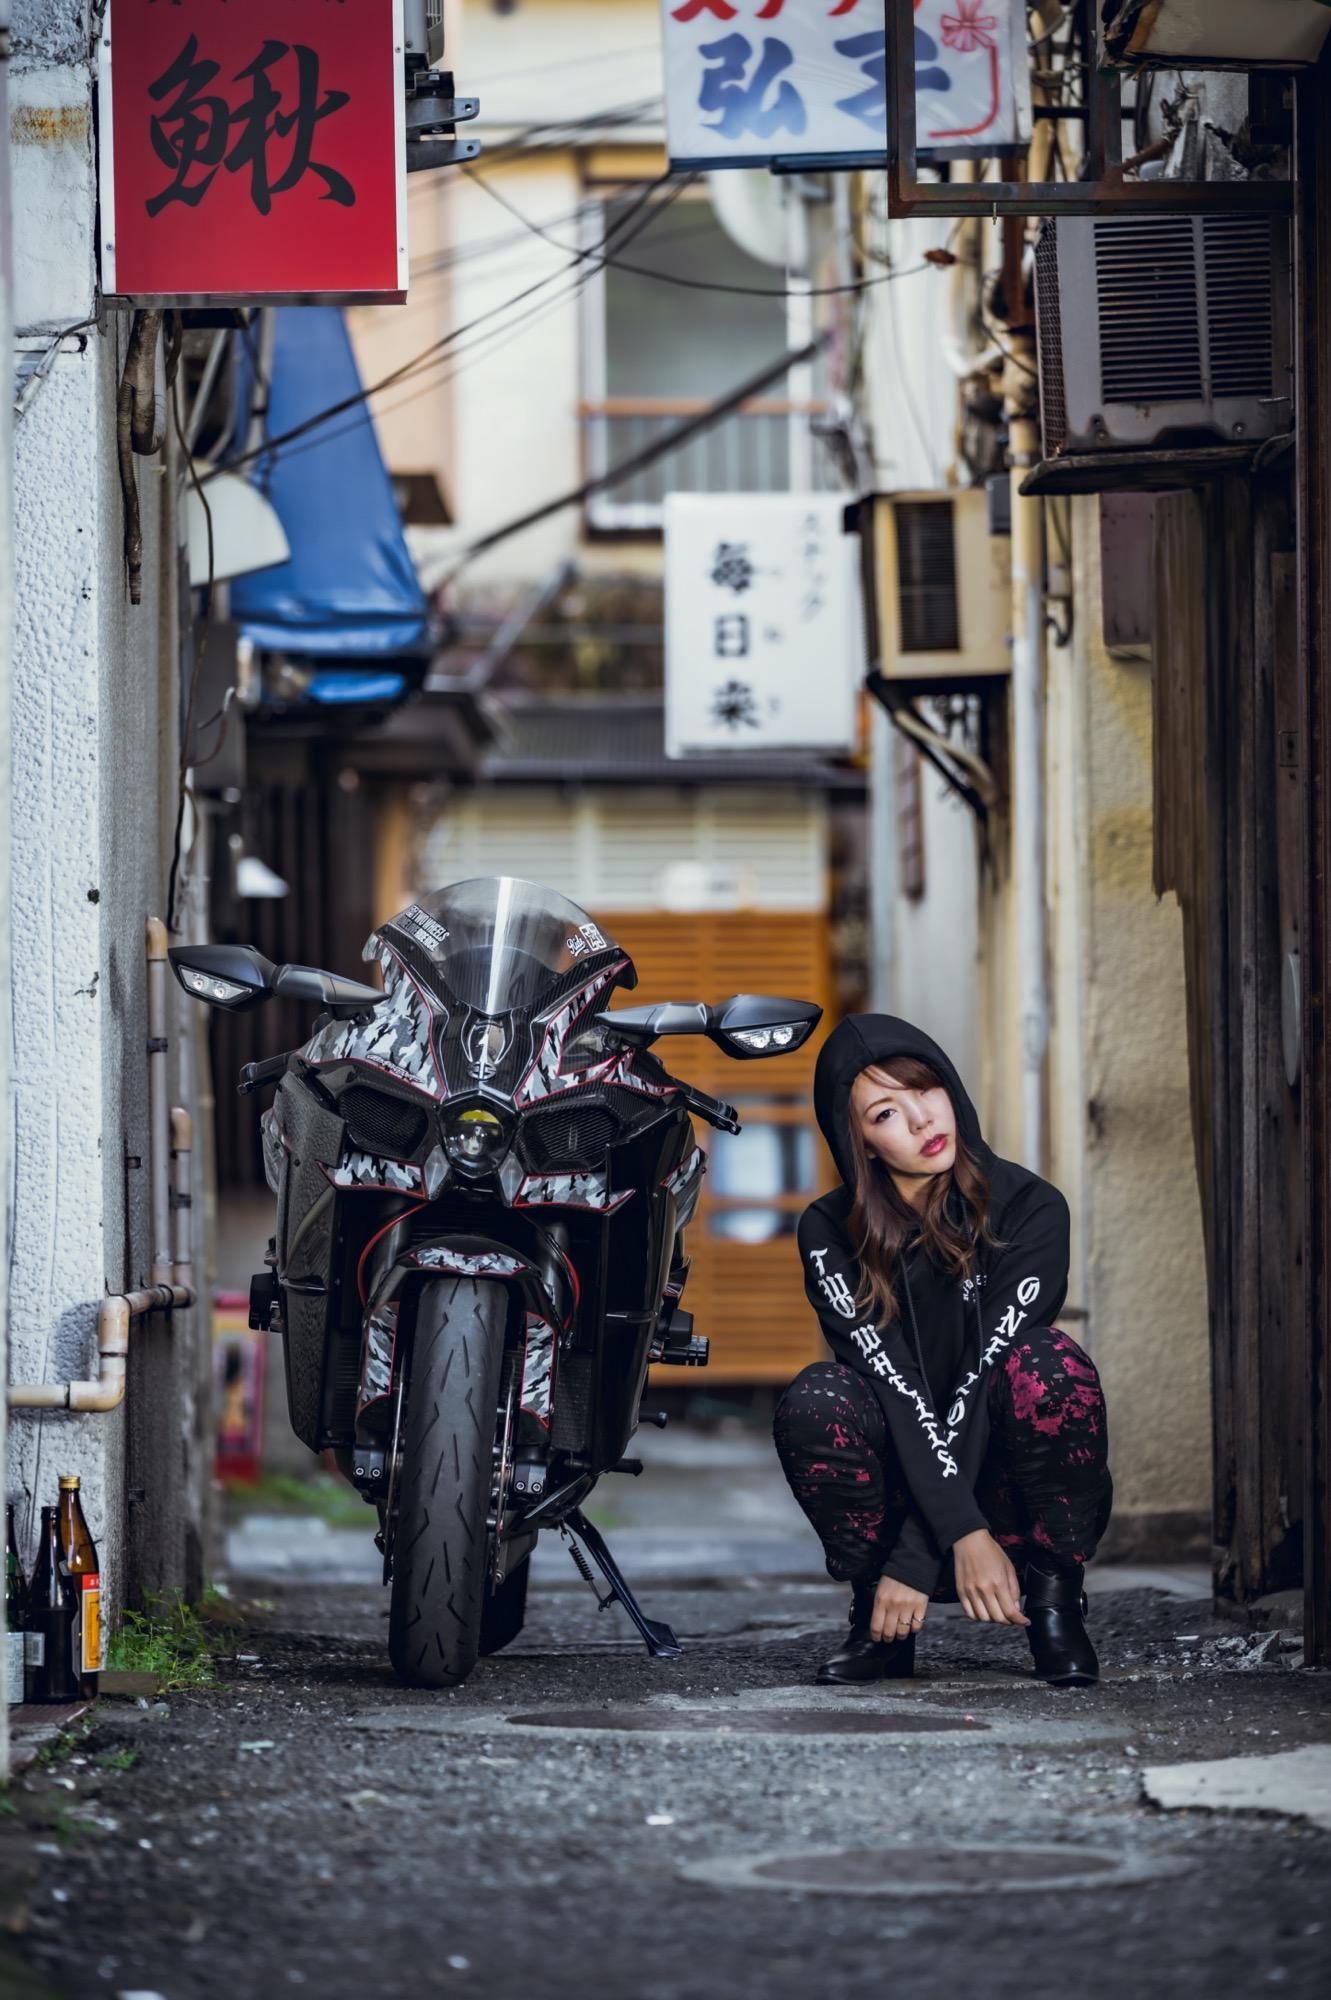 Yasuhiro_Nomura_photography